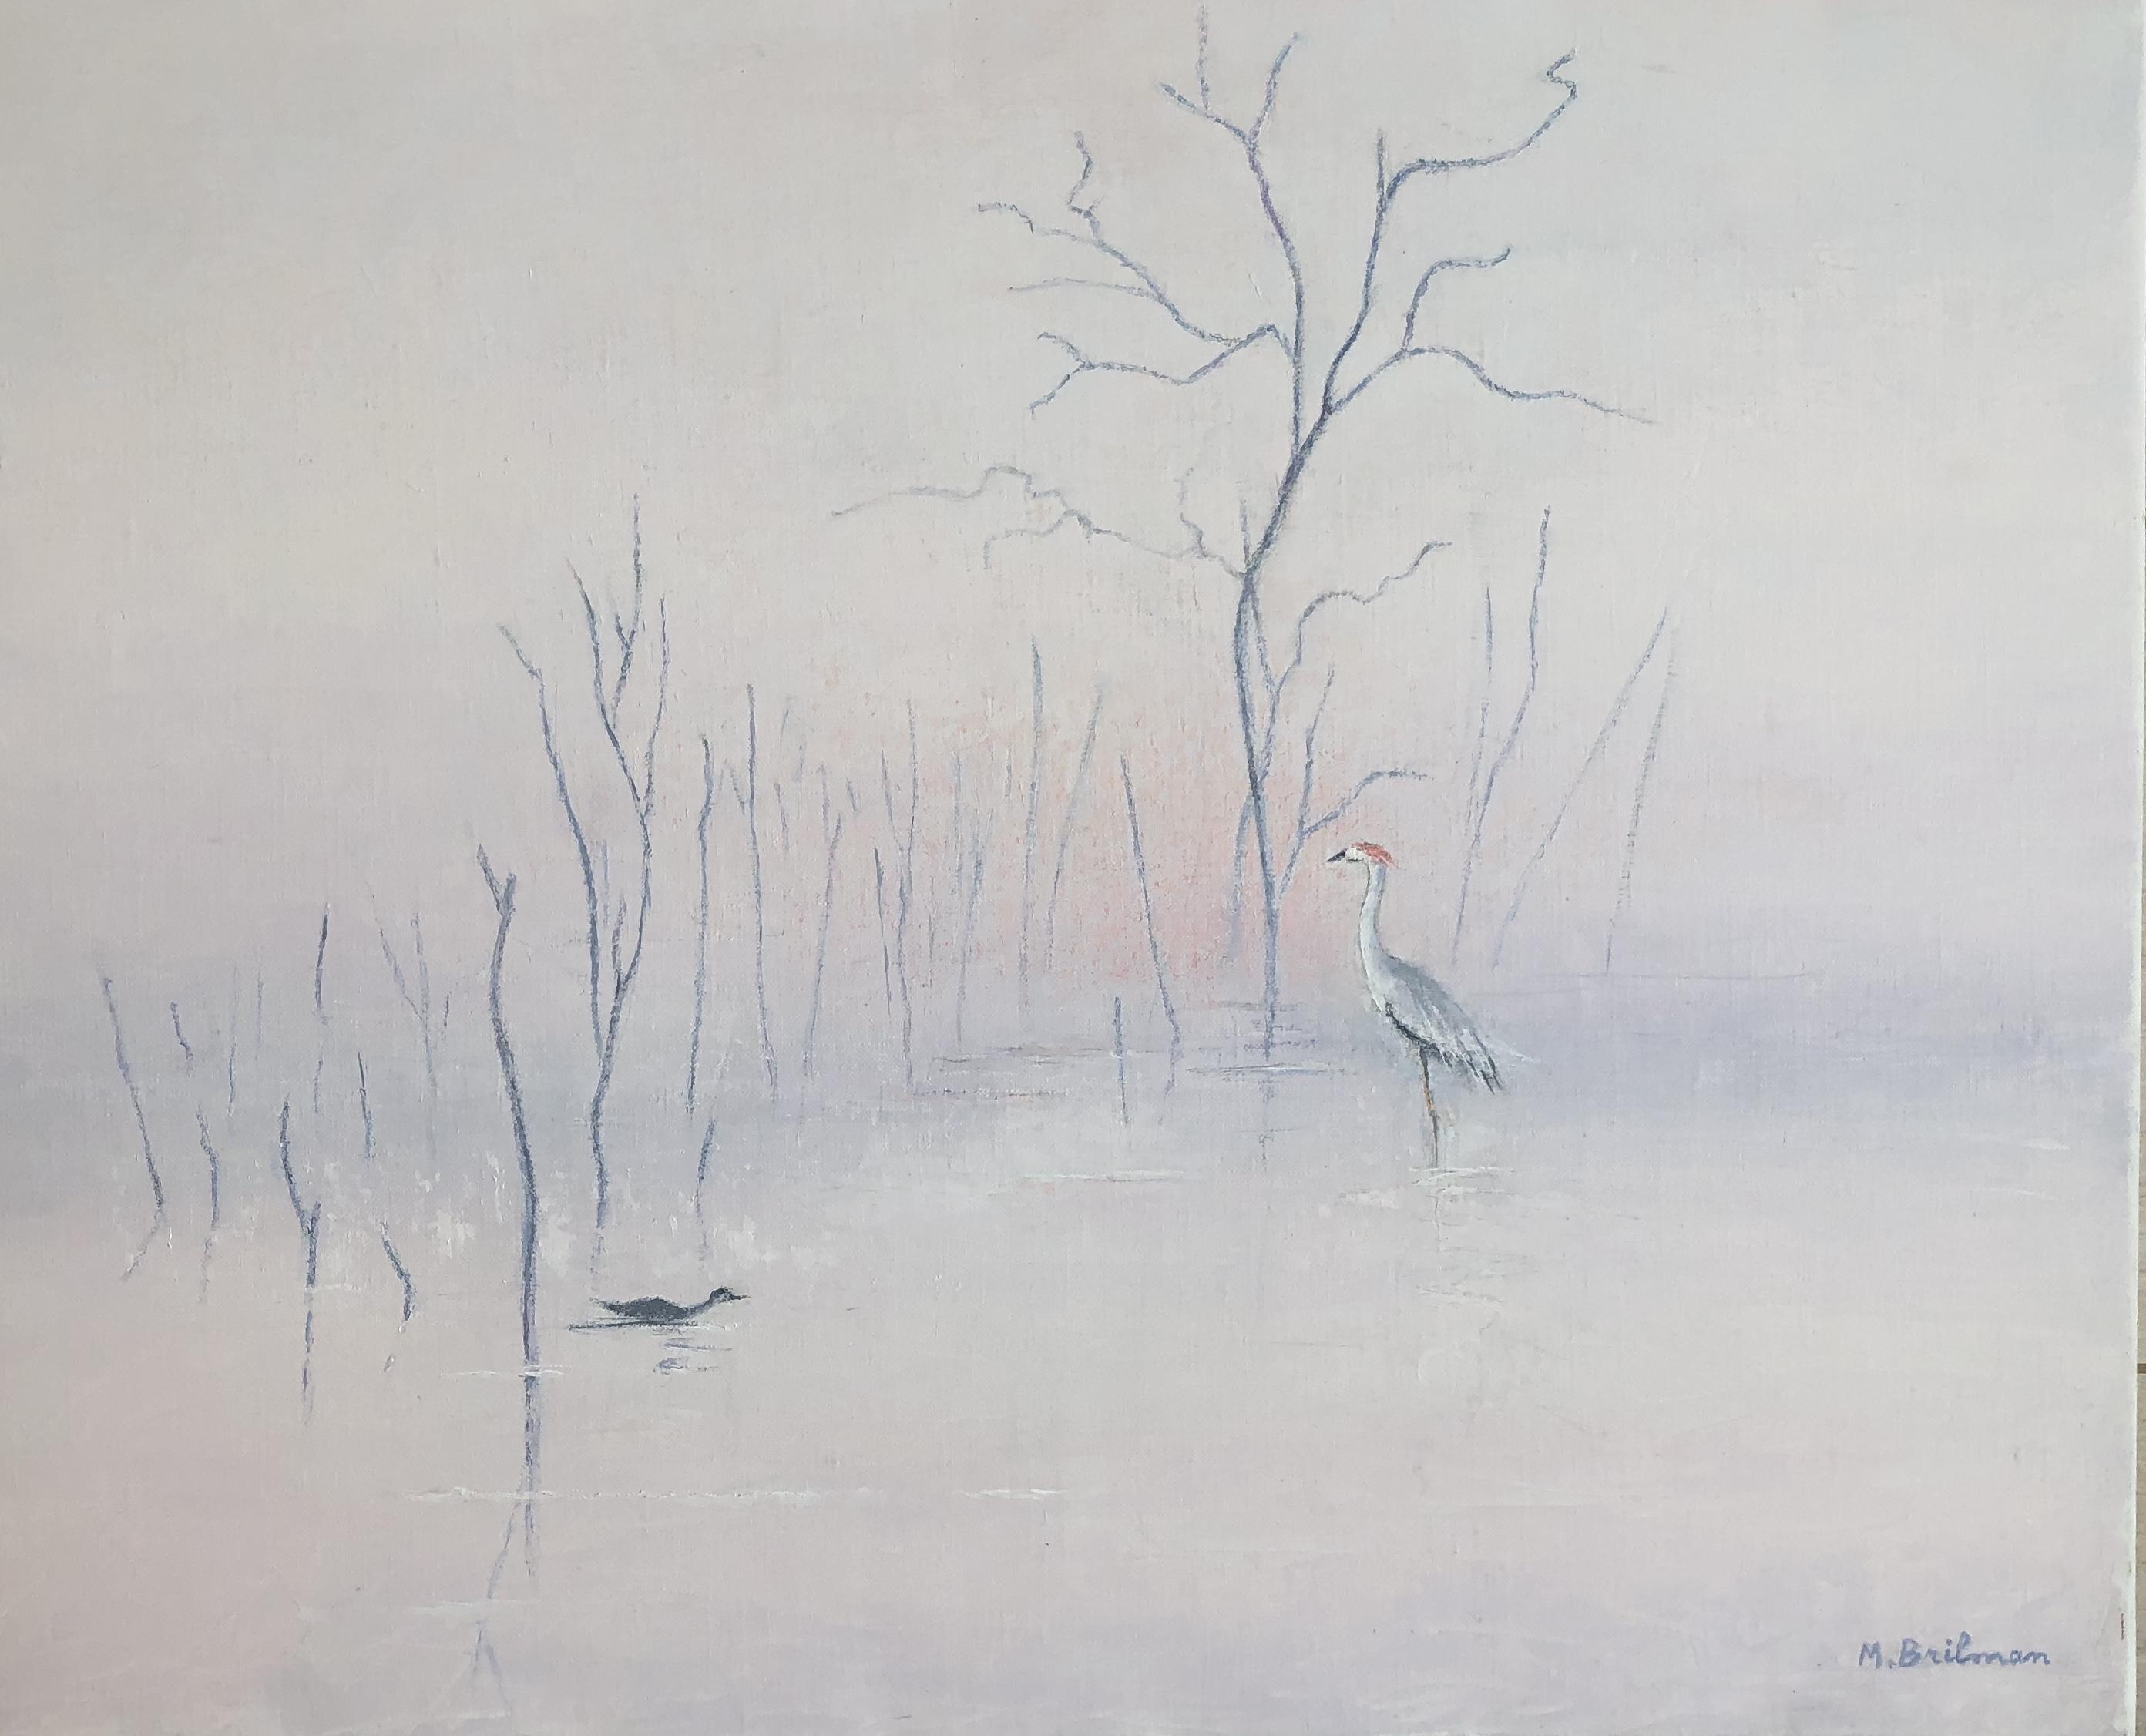 Egrets in Ceylan